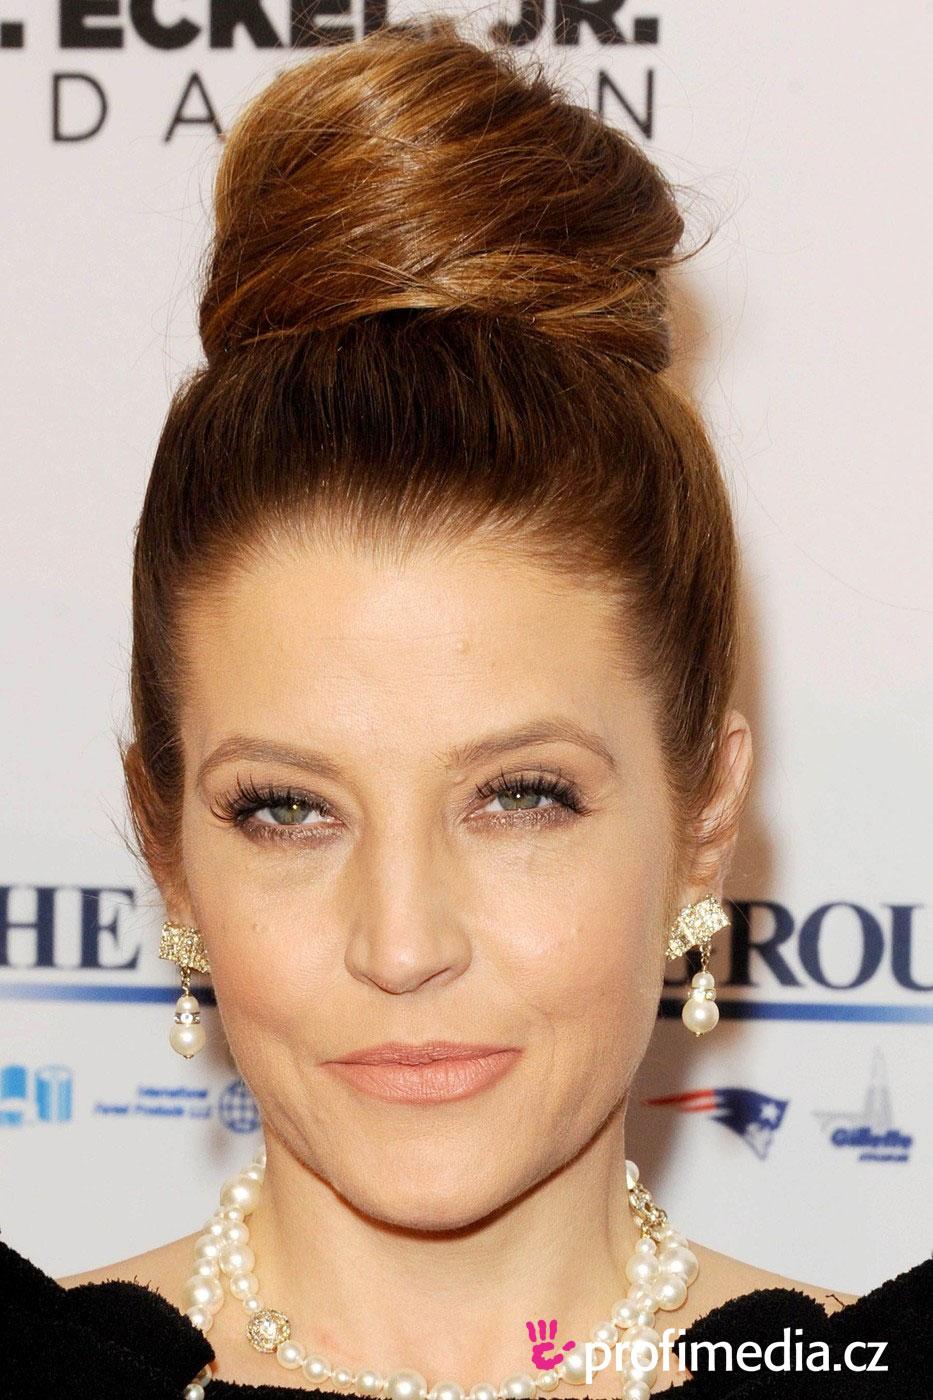 Lisa Marie Presley Hairstyle Easyhairstyler